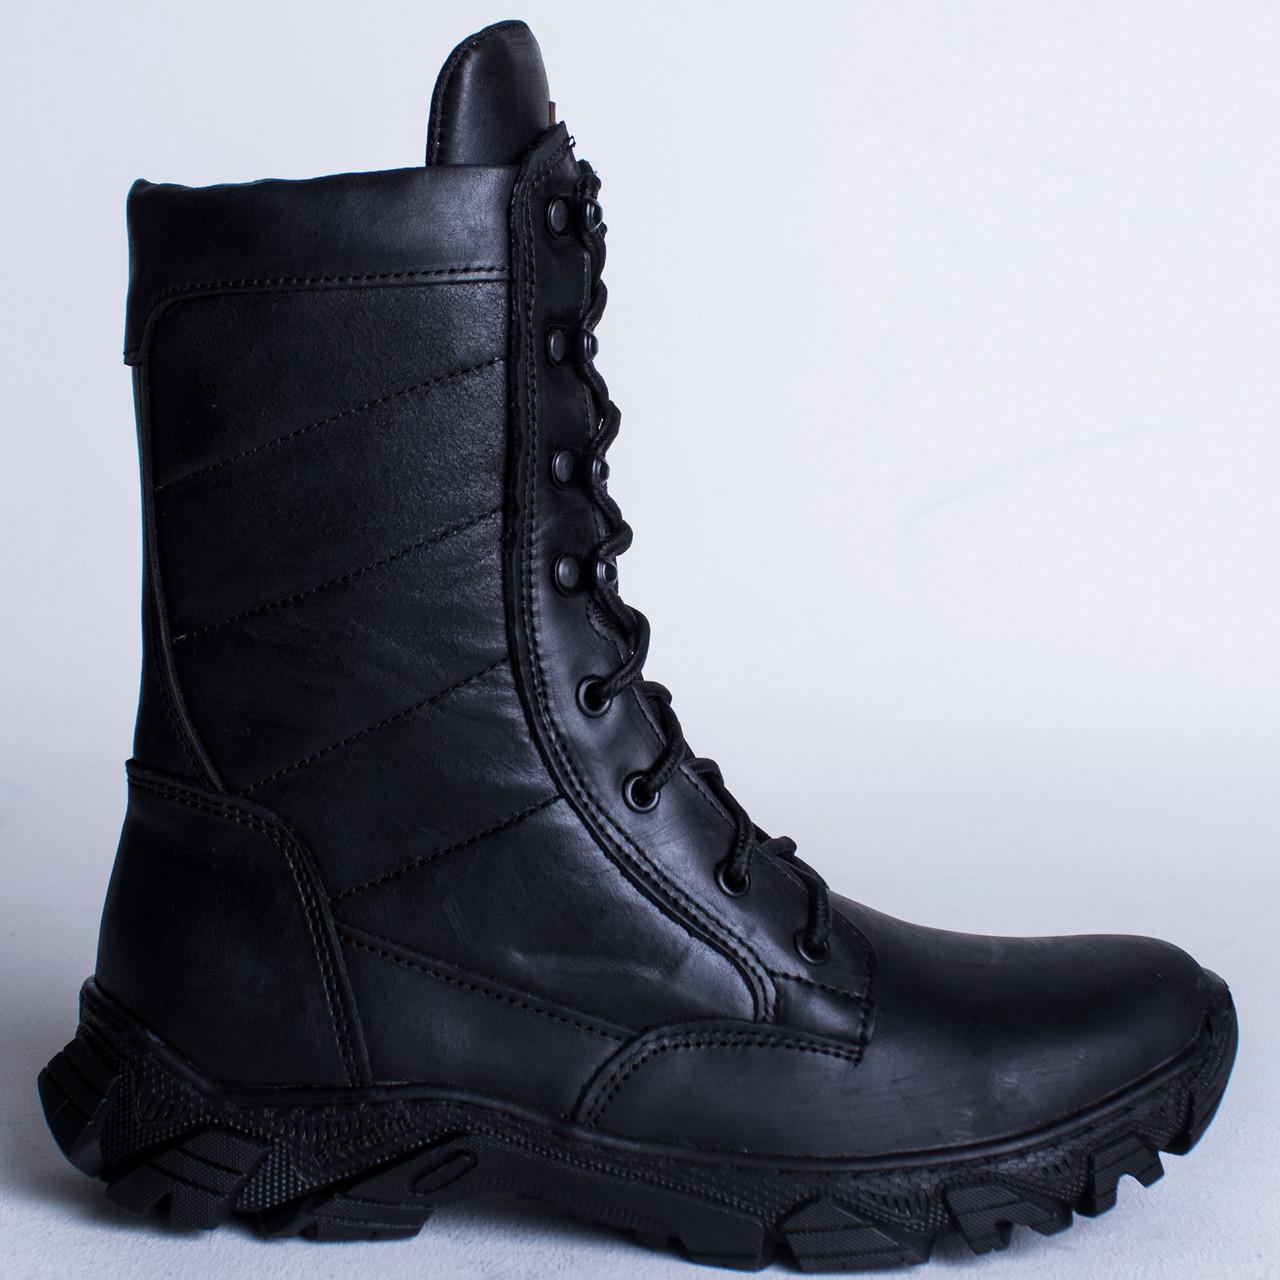 Берцы Зимние, Военные Шторм-2 Черный